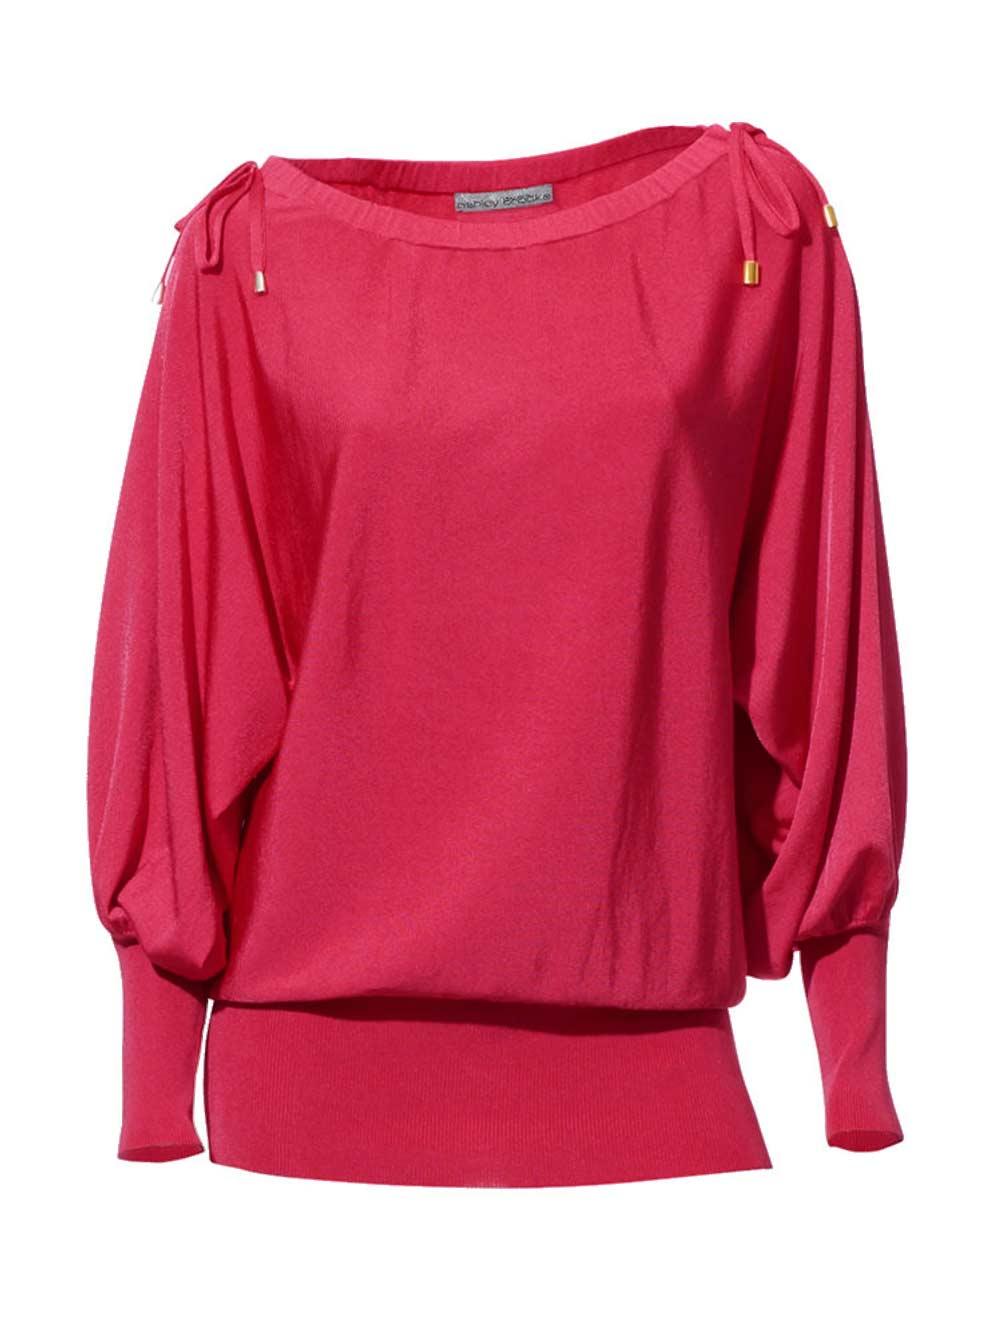 006.880 ASHLEY BROOKE Damen Designer-Pullover Pink